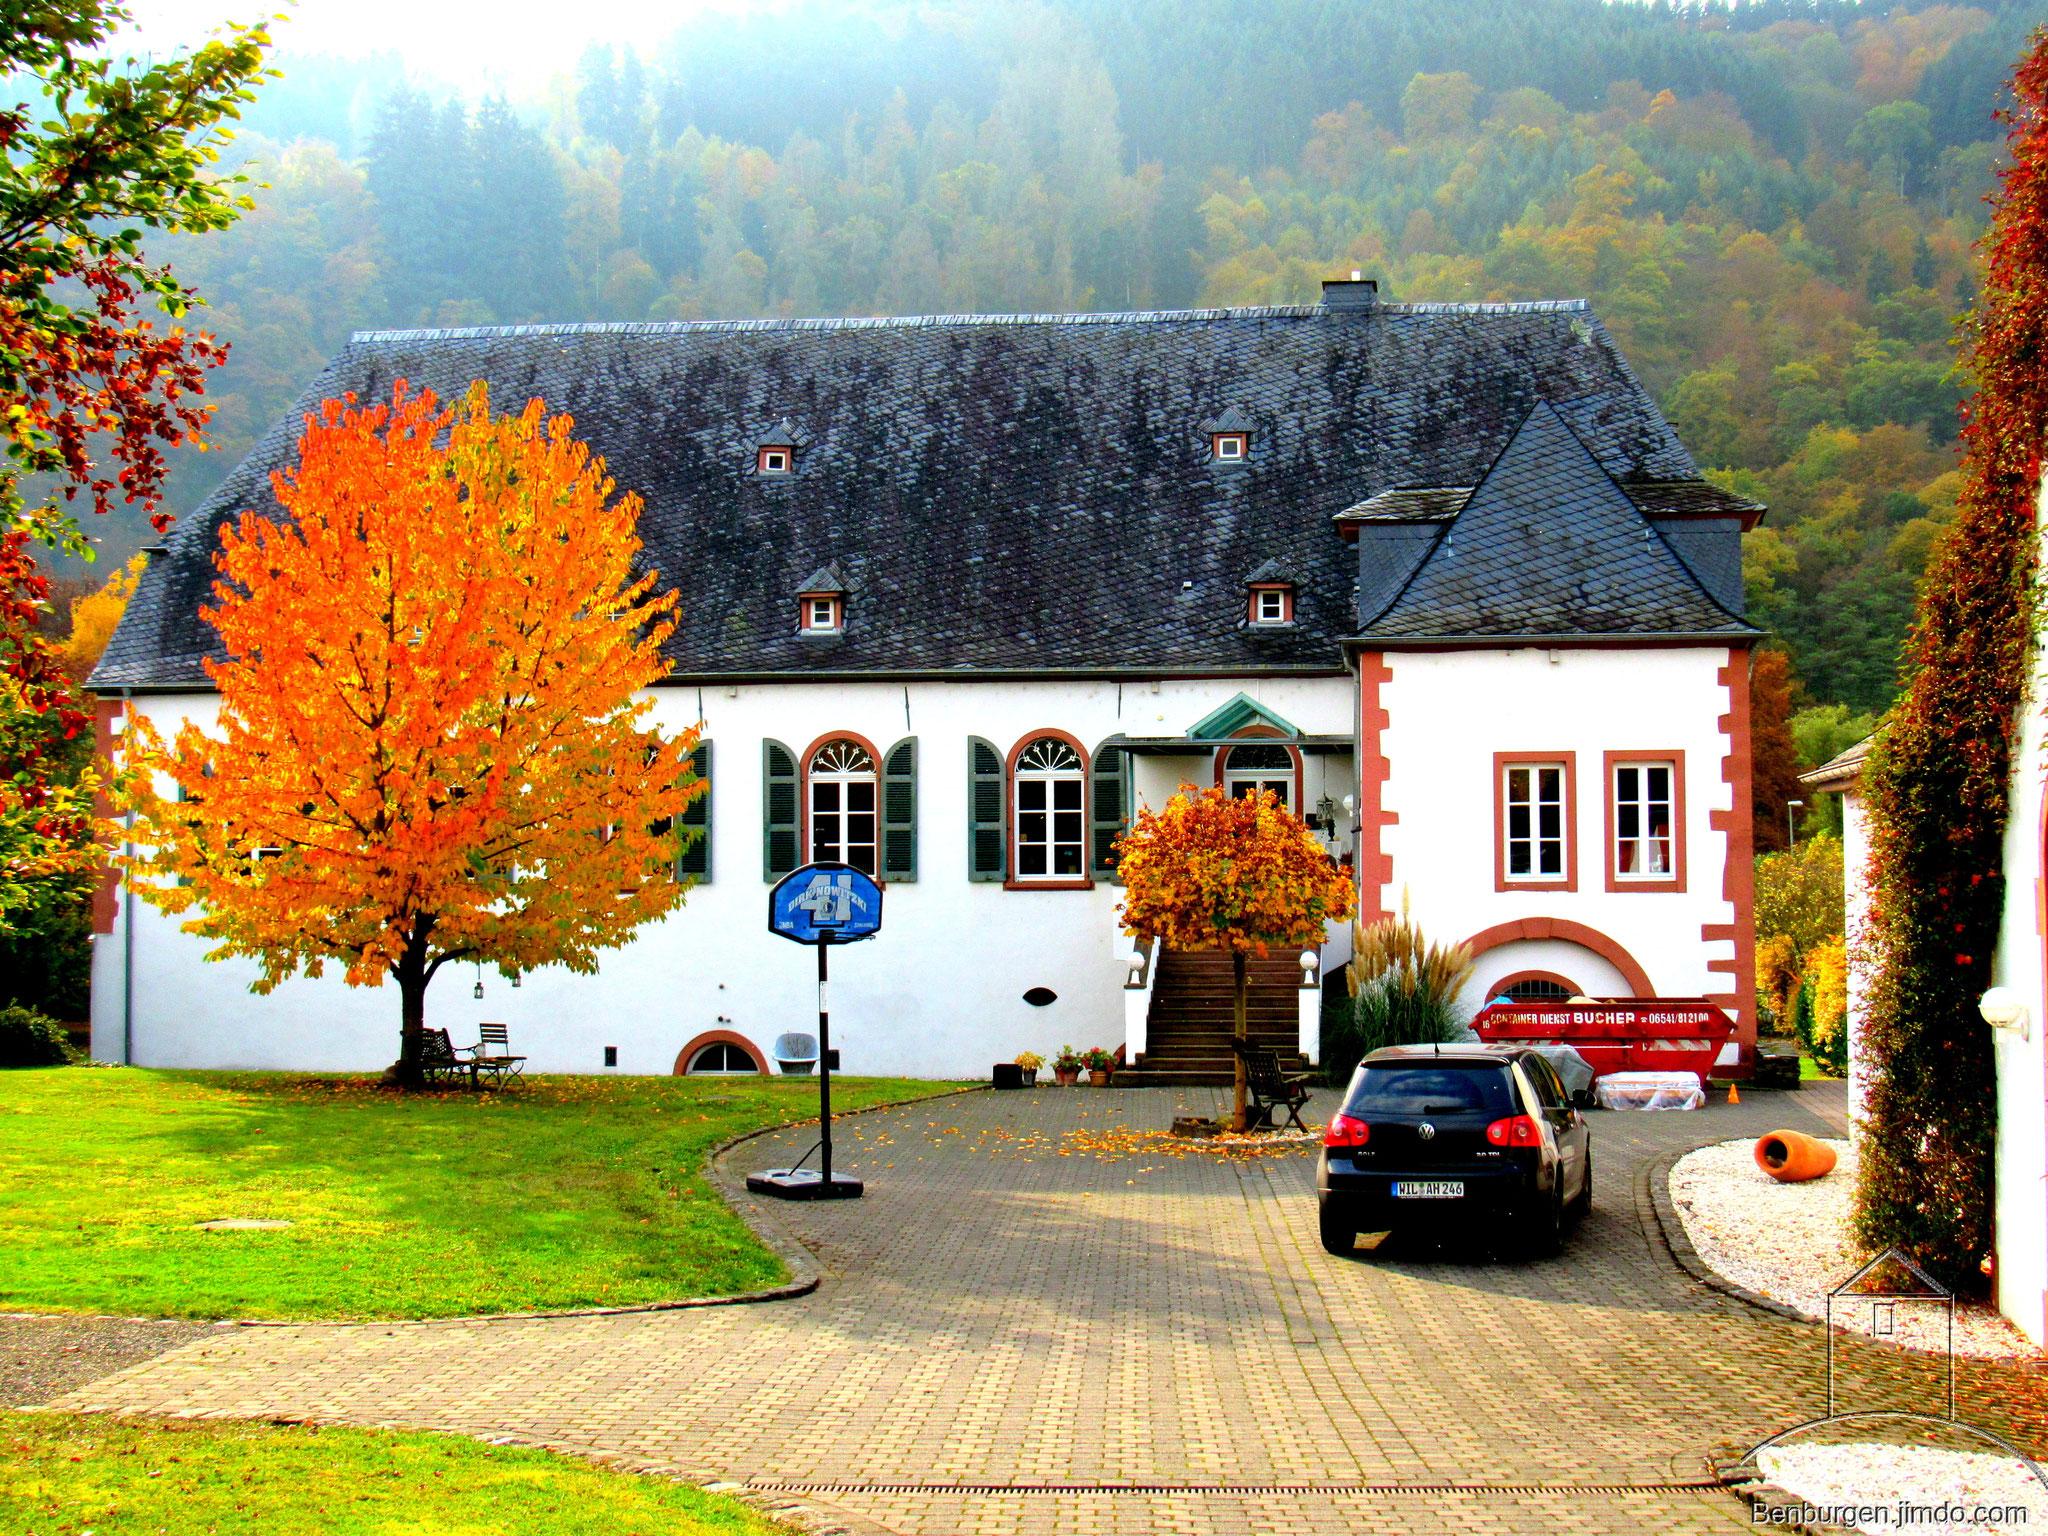 Klosterhof im Ortsteil Traben.